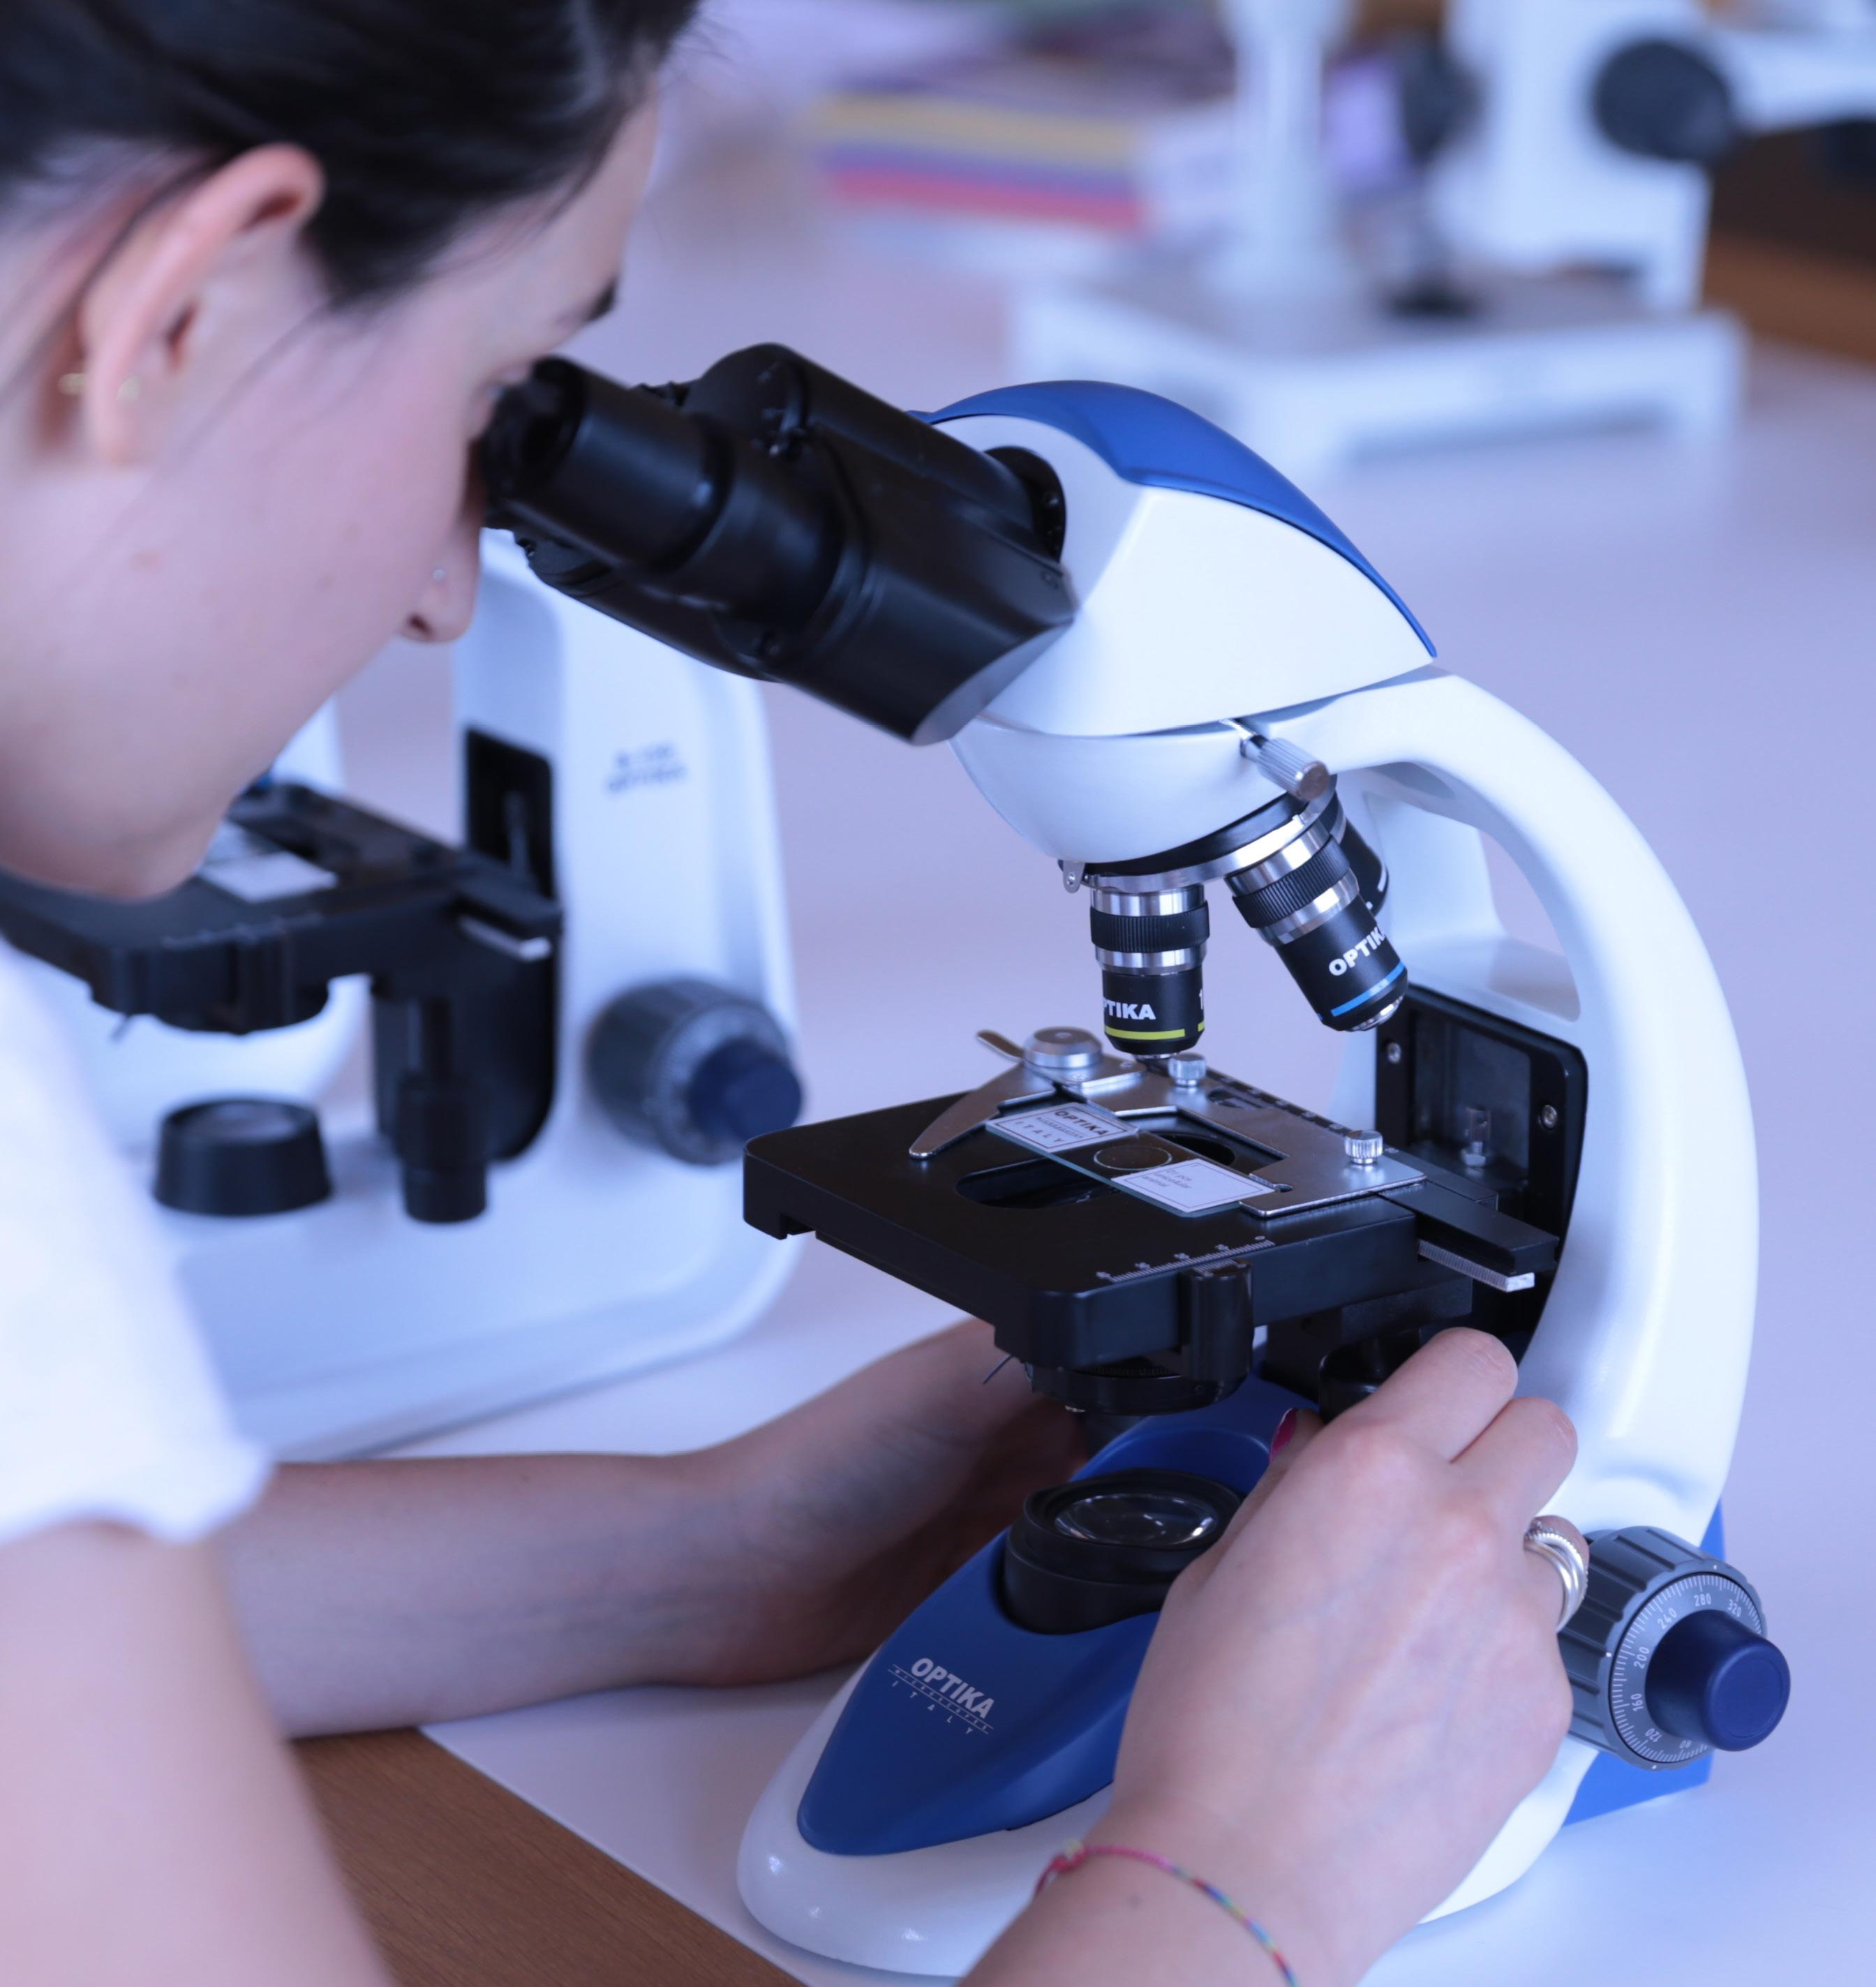 Praca przy mikroskopie Optika B-190